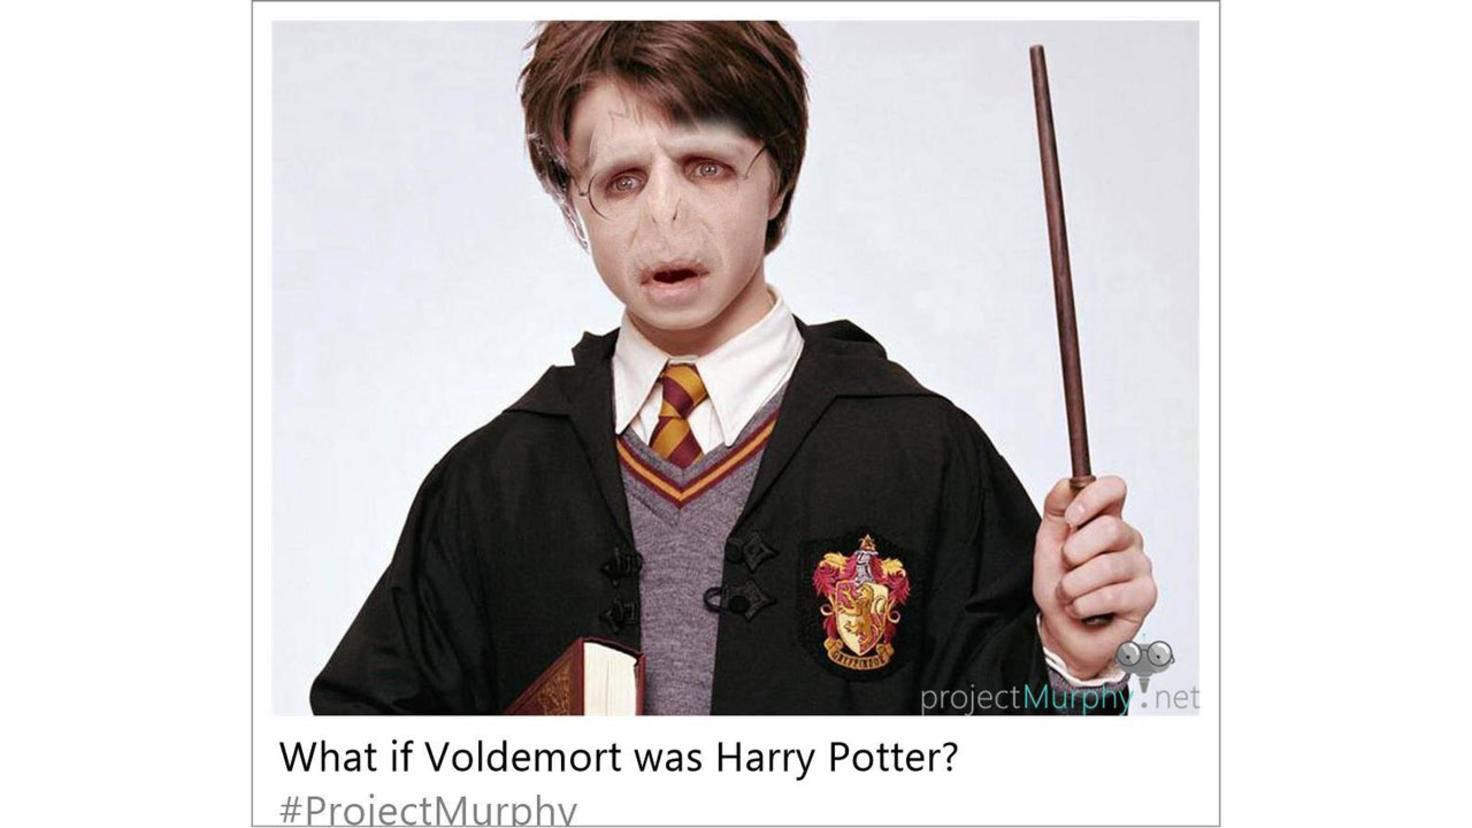 Harry Potter und Voldemort in einer Person? Project Murphy machts möglich!